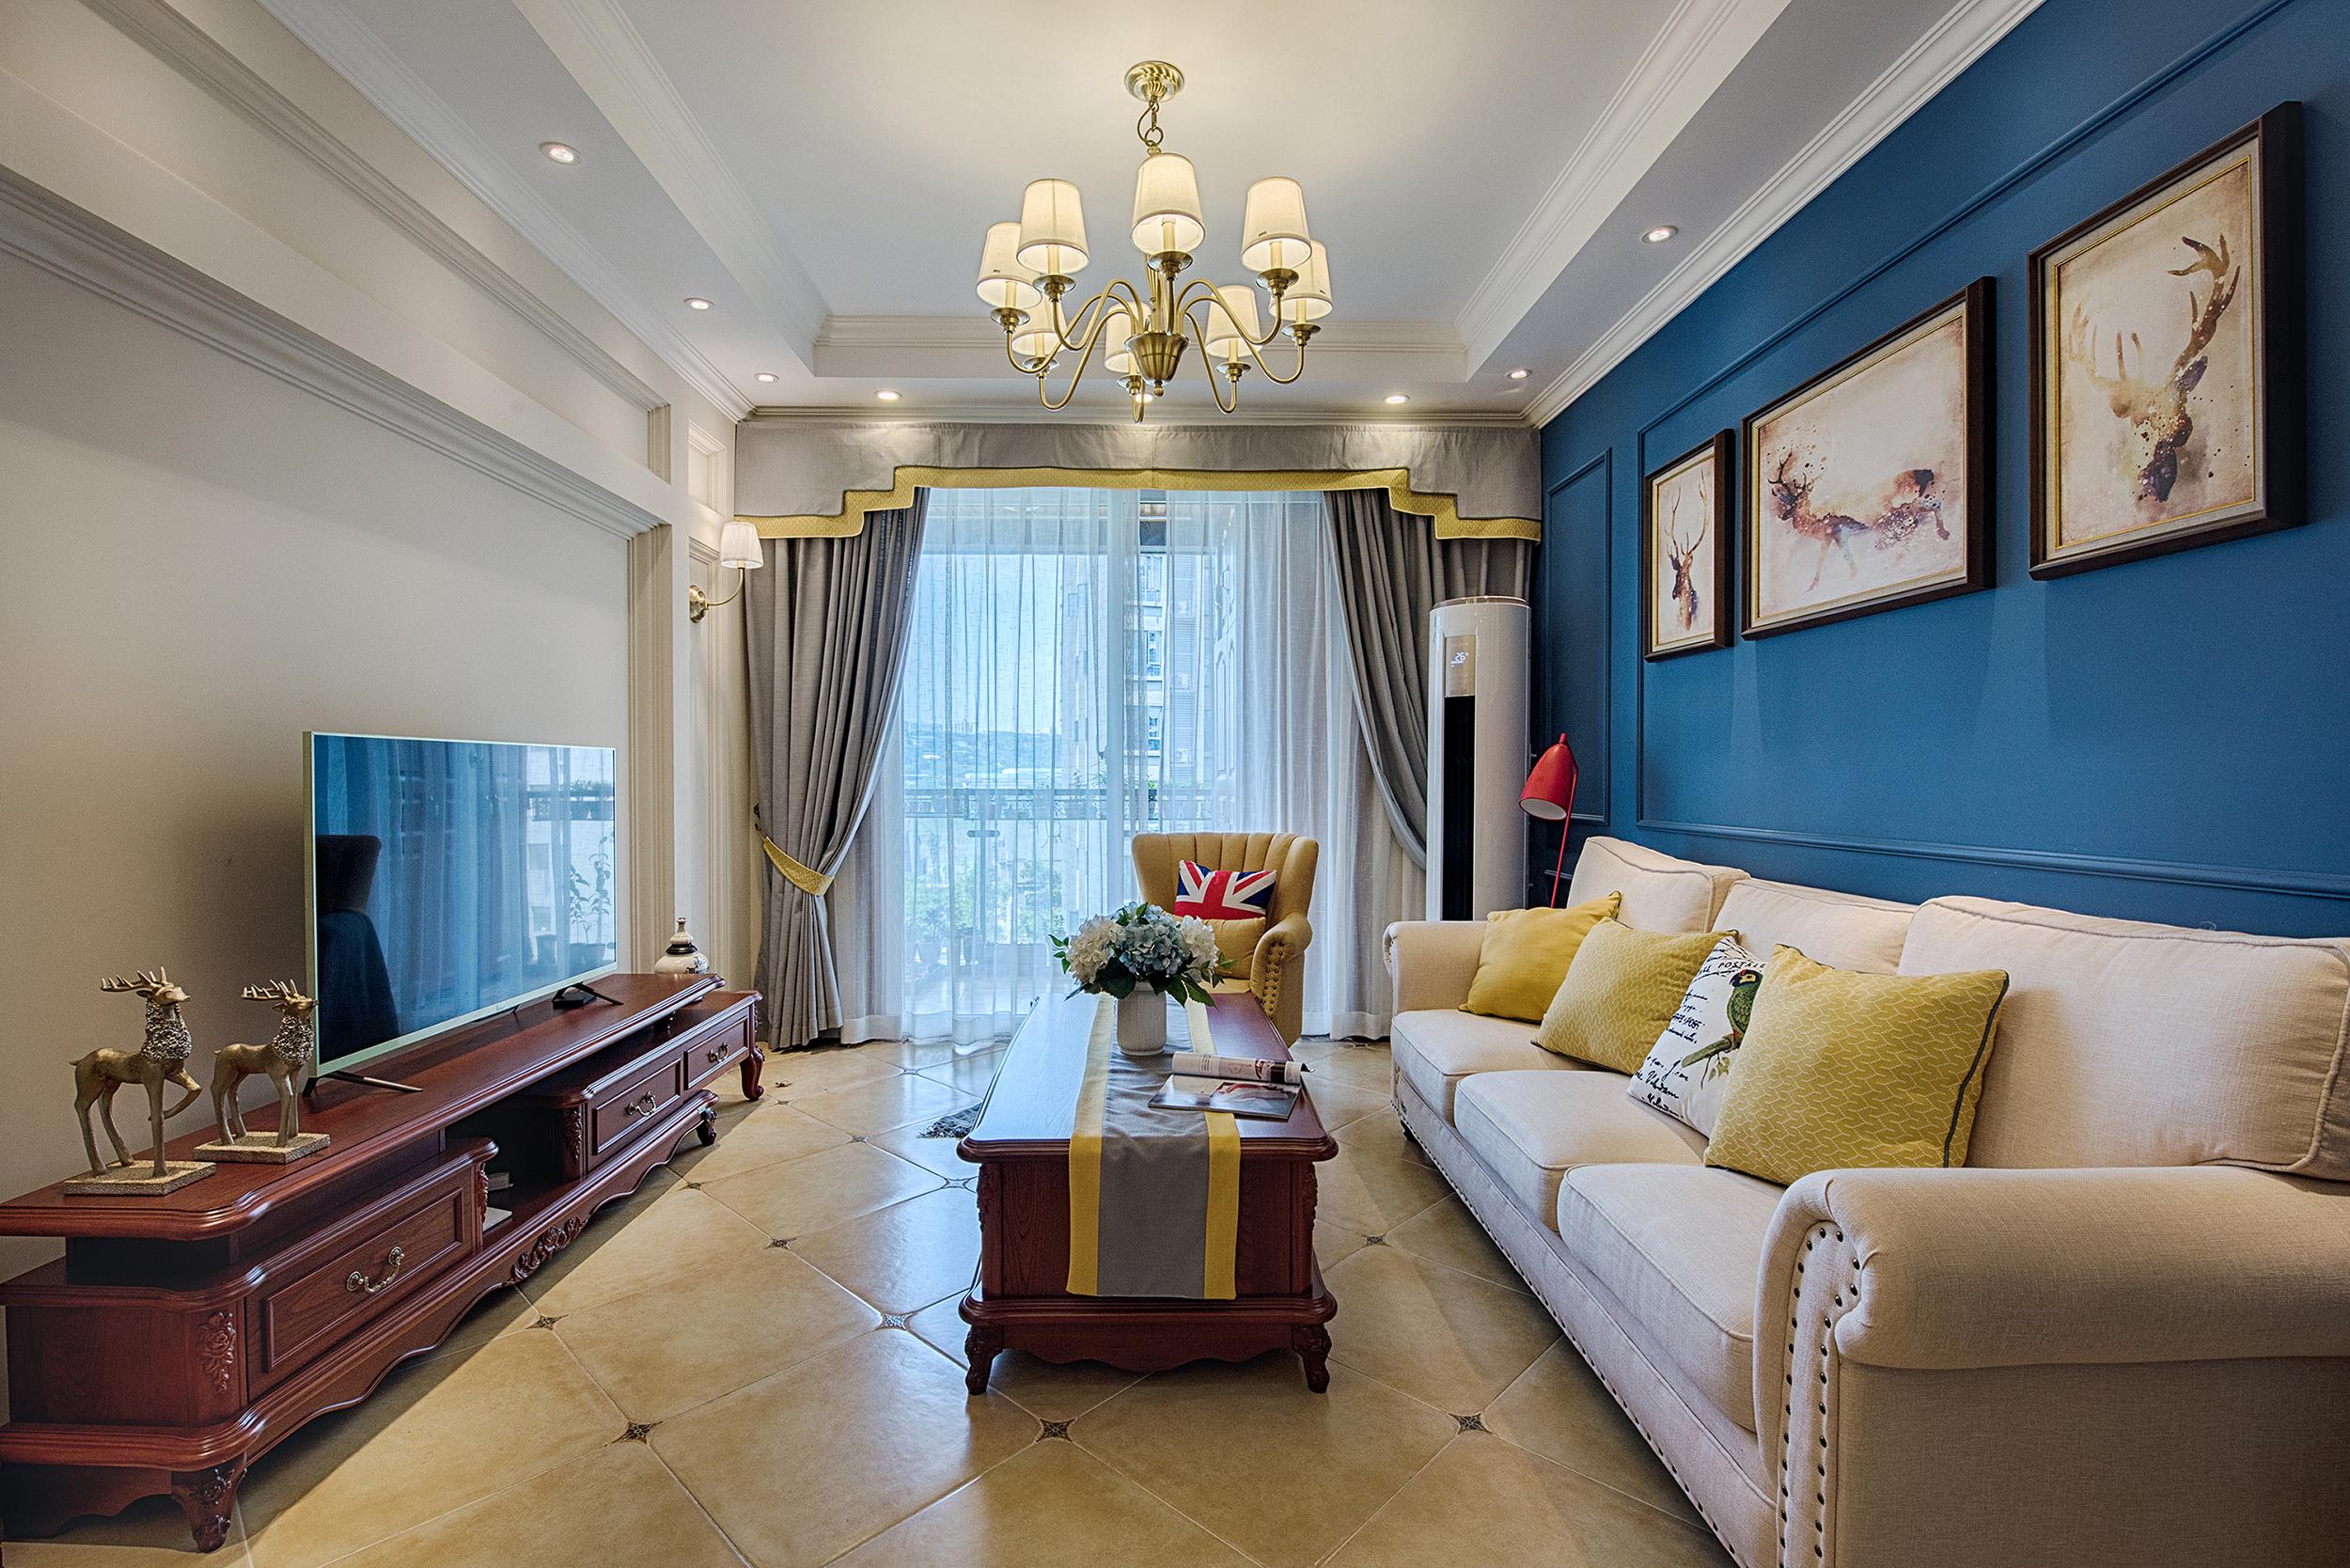 美式乡村风格客厅公寓白色地毯10-15万70平米三室一厅装修效果图